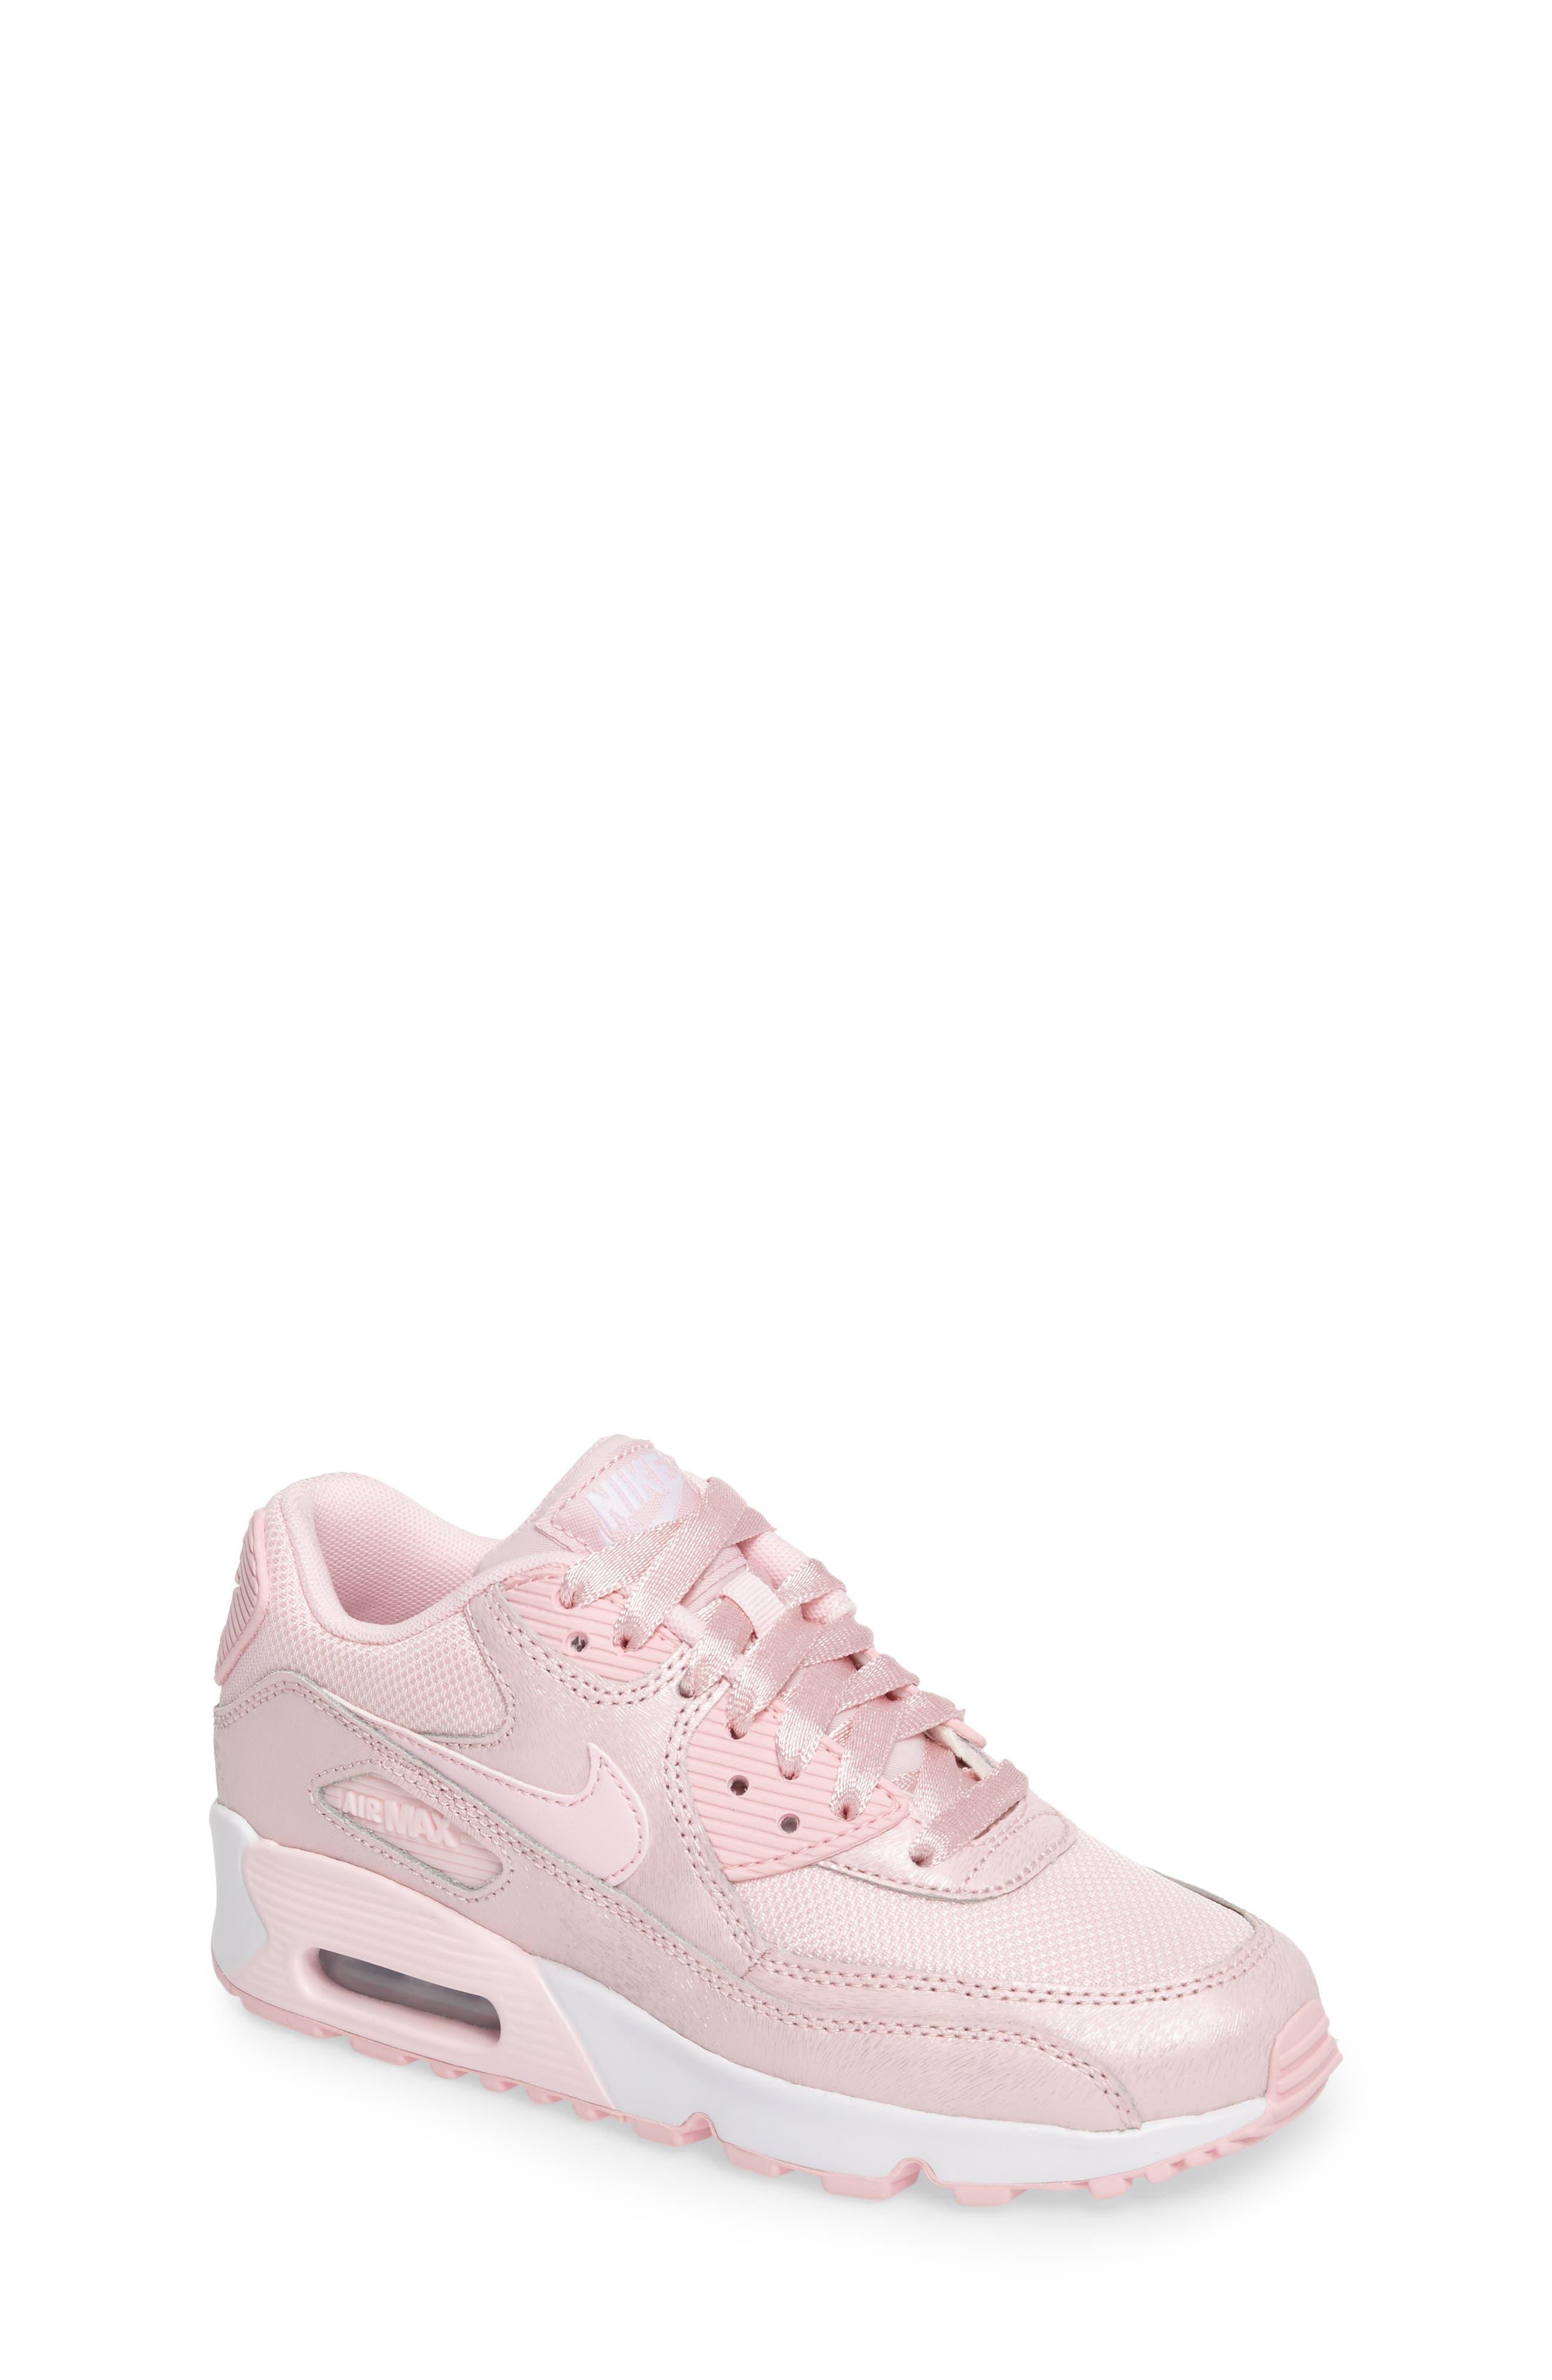 NIKE Air Max 90 Mesh Sneaker